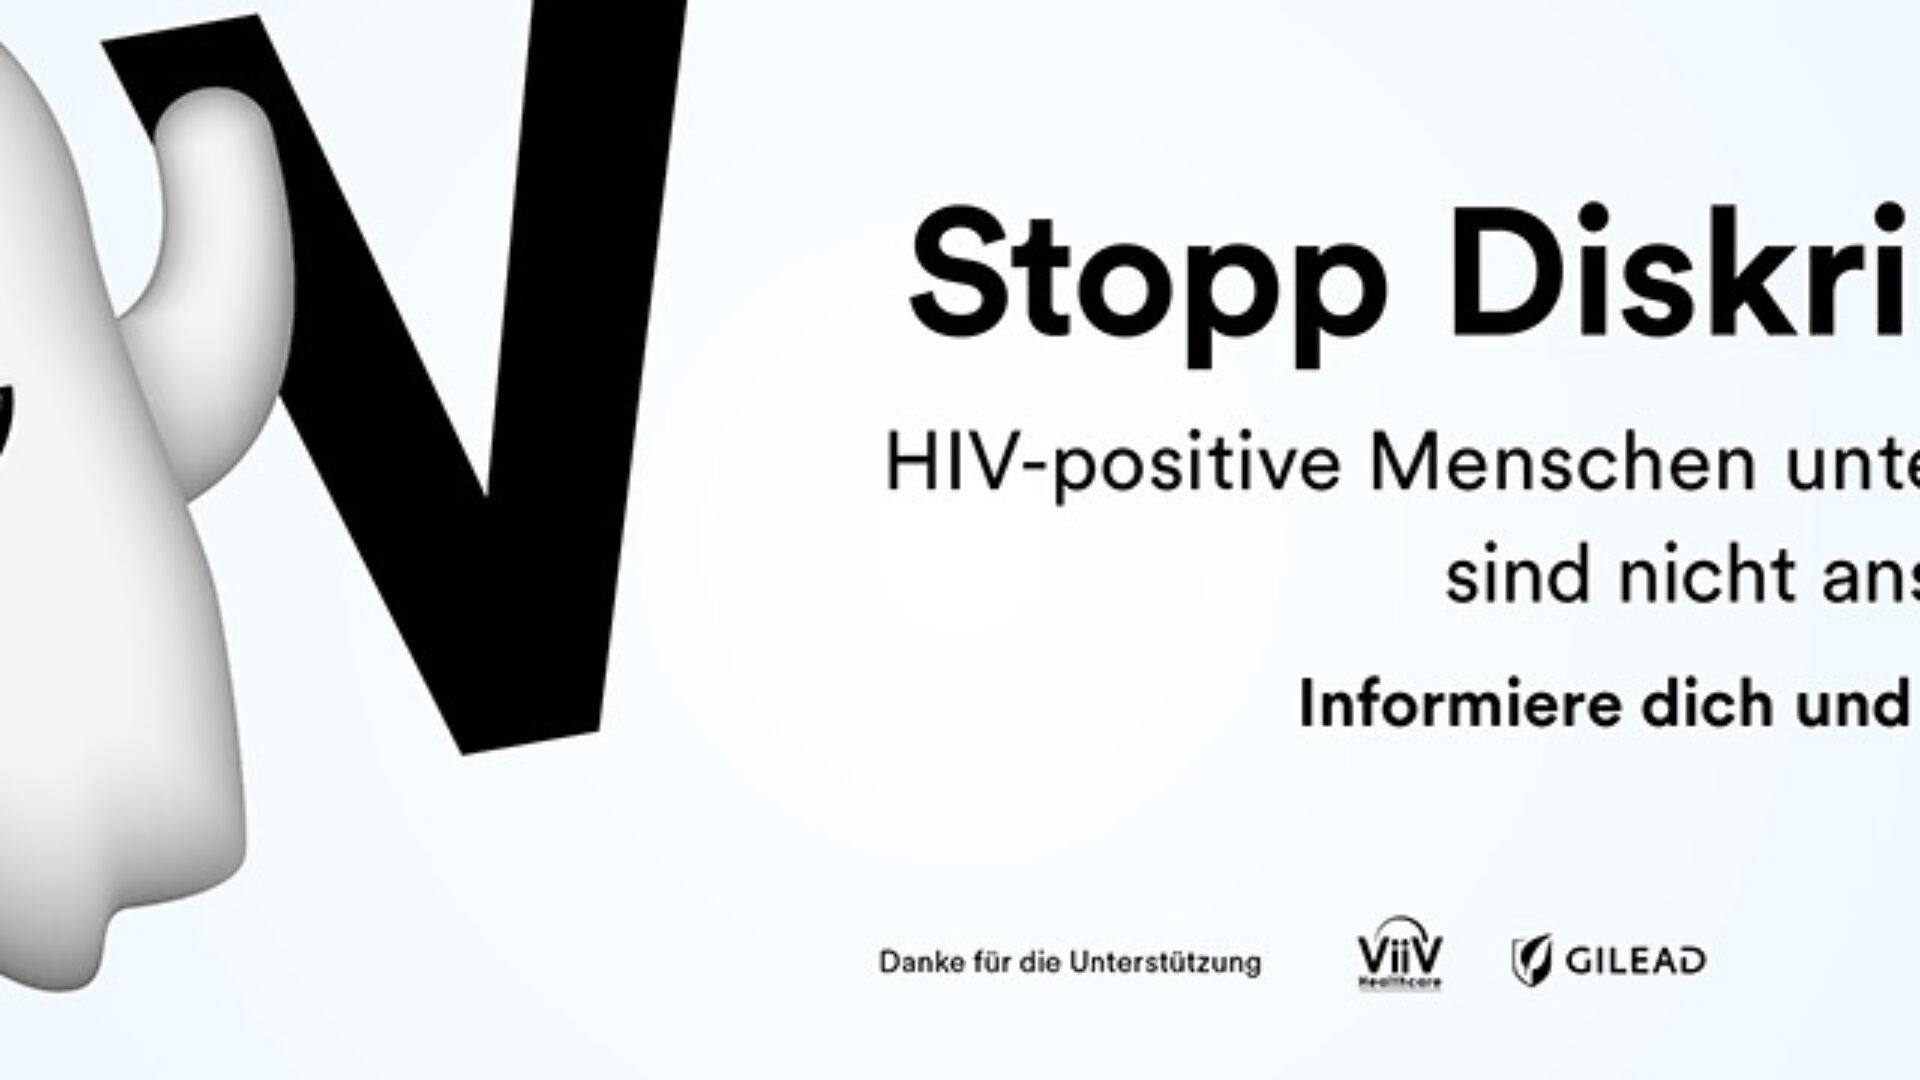 HIV-positive Menschen unter erfolgreicher Therapie sind nicht ansteckend.